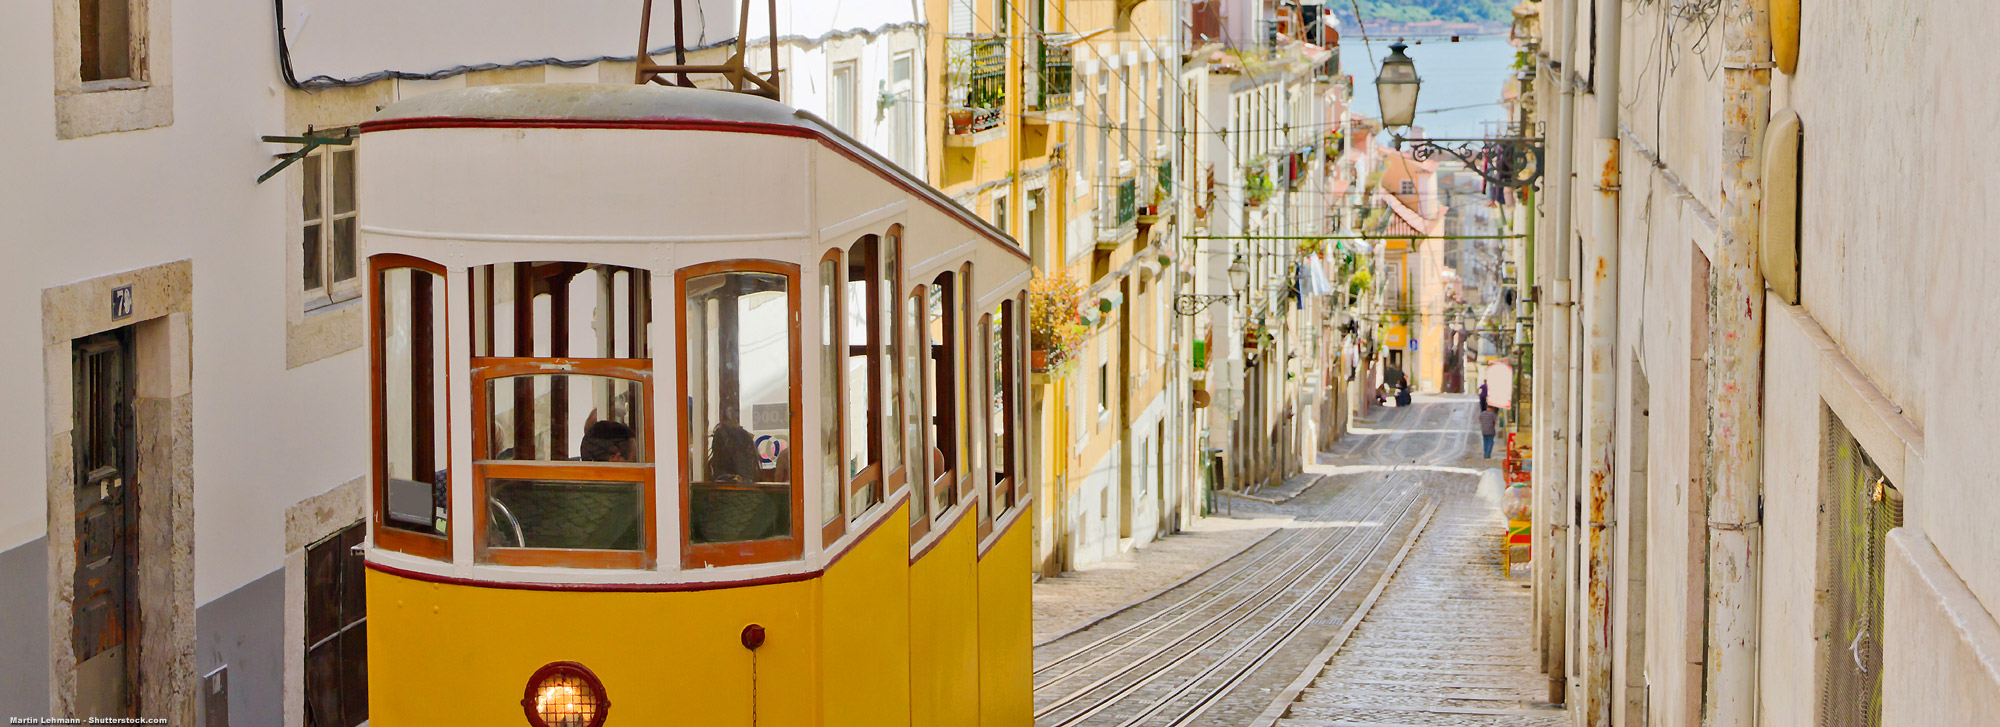 Sprachschulen Lissabon, Sprachkurse Lissabon